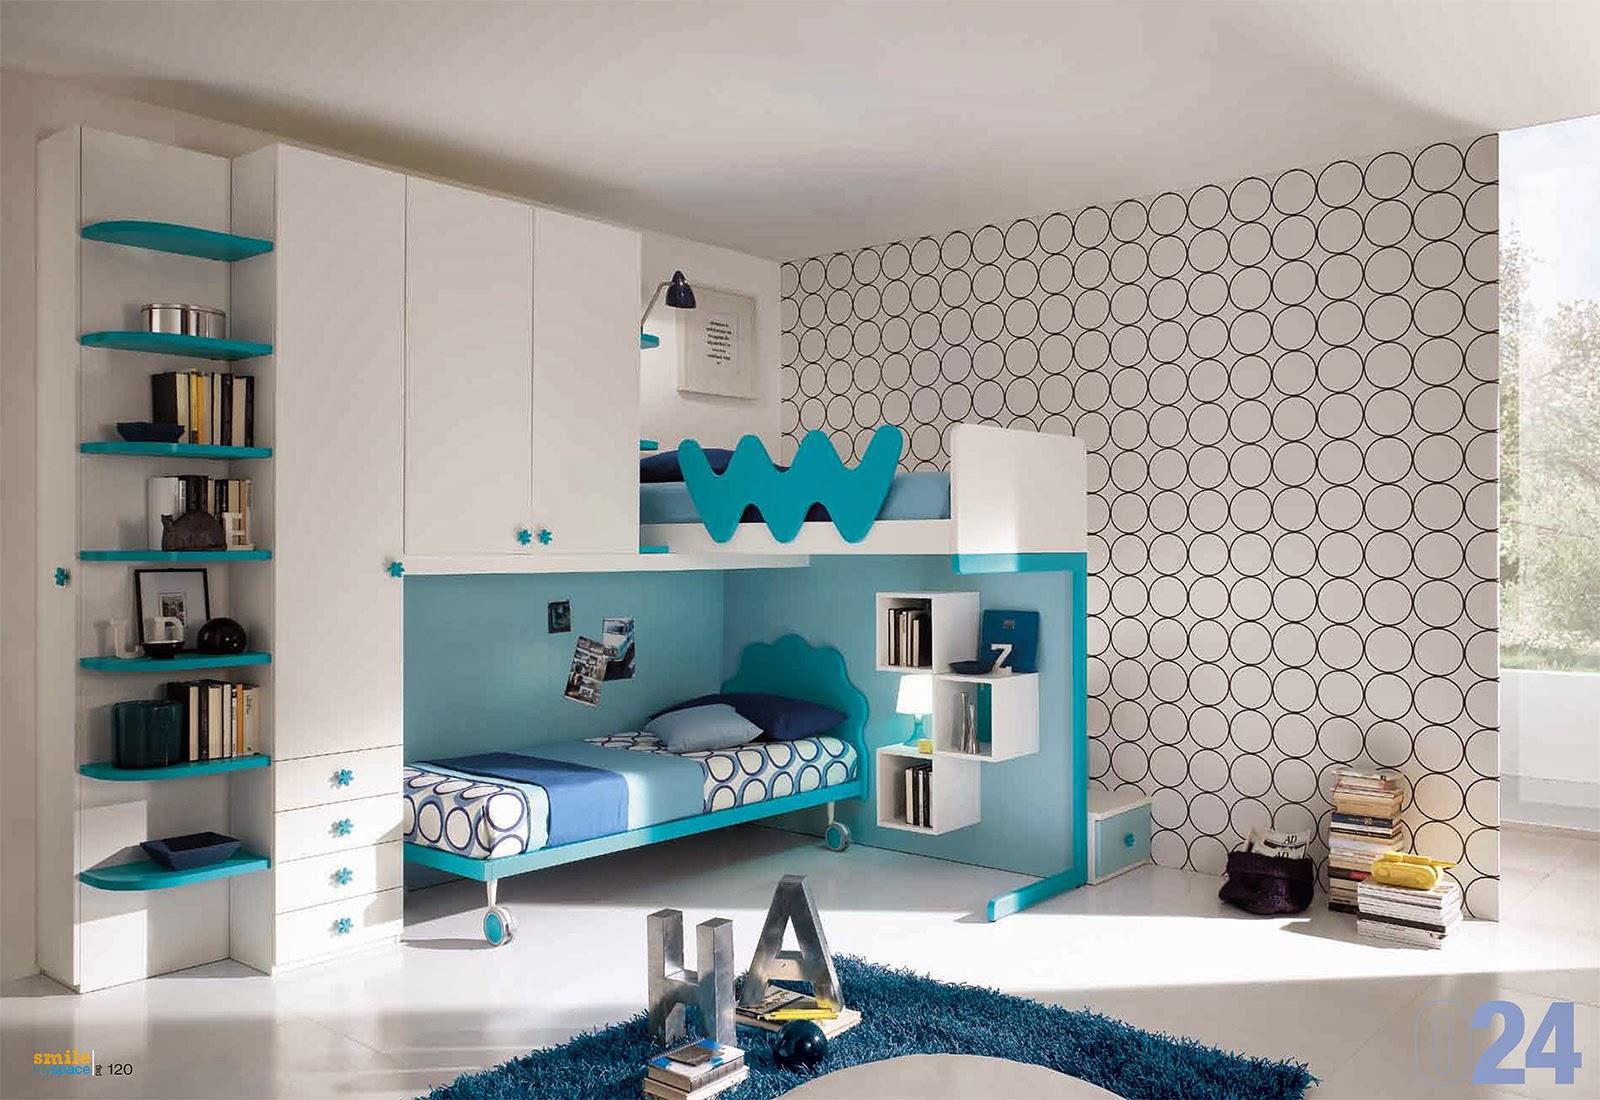 Dormitorios para adolescentes color turquesa dormitorios for Diseno de habitacion para adolescente